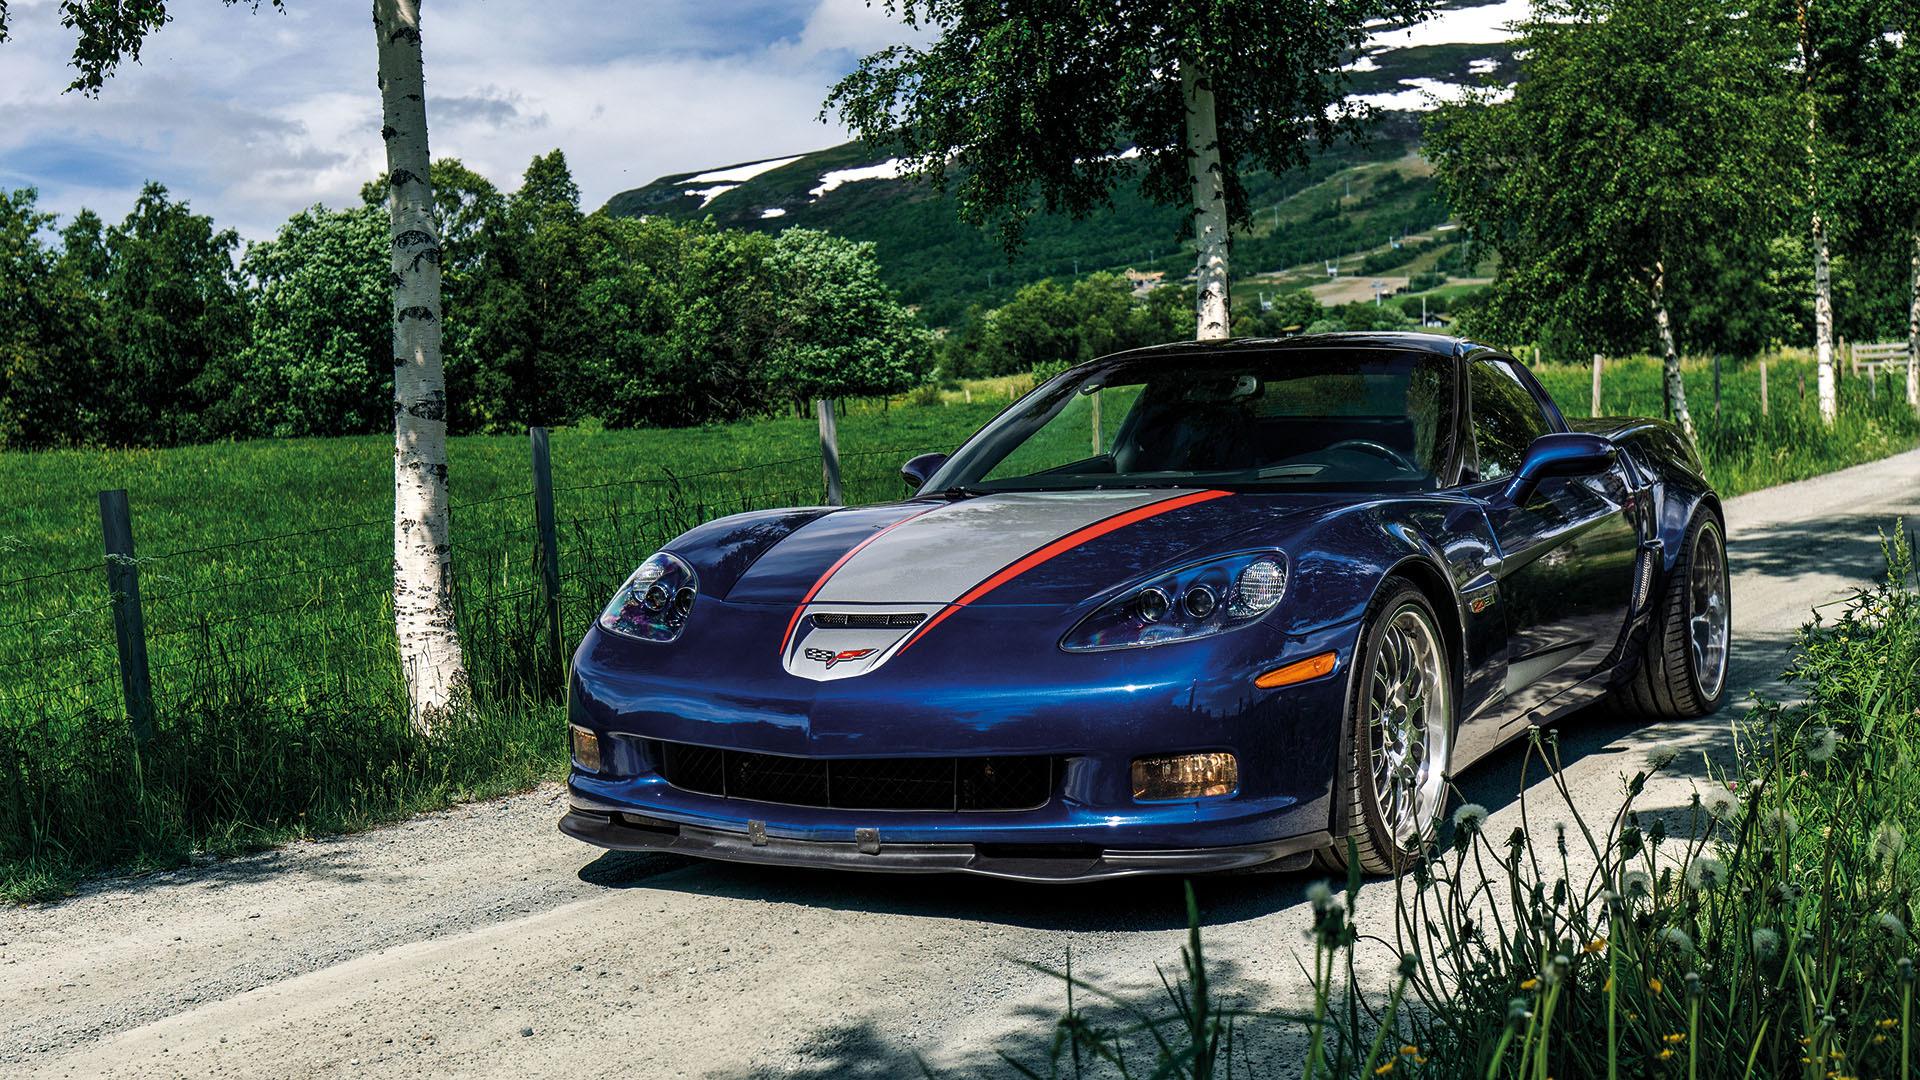 Bygderaceren - 2006 Chevrolet Corvette C6 Twin Turbo